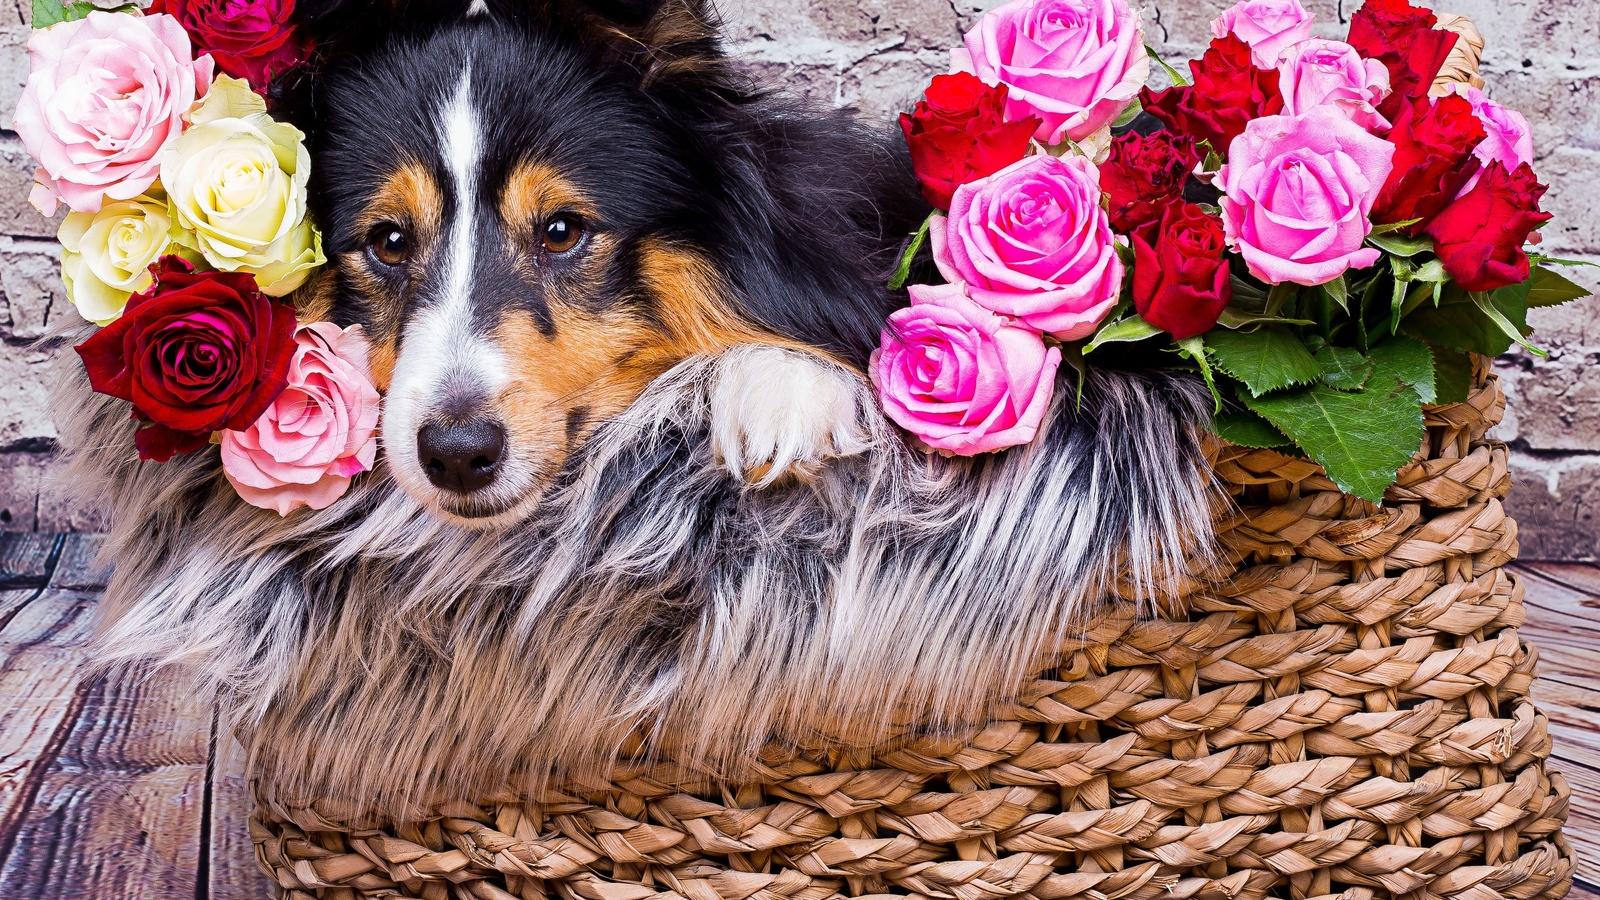 Открытки цветы с животными, для письма